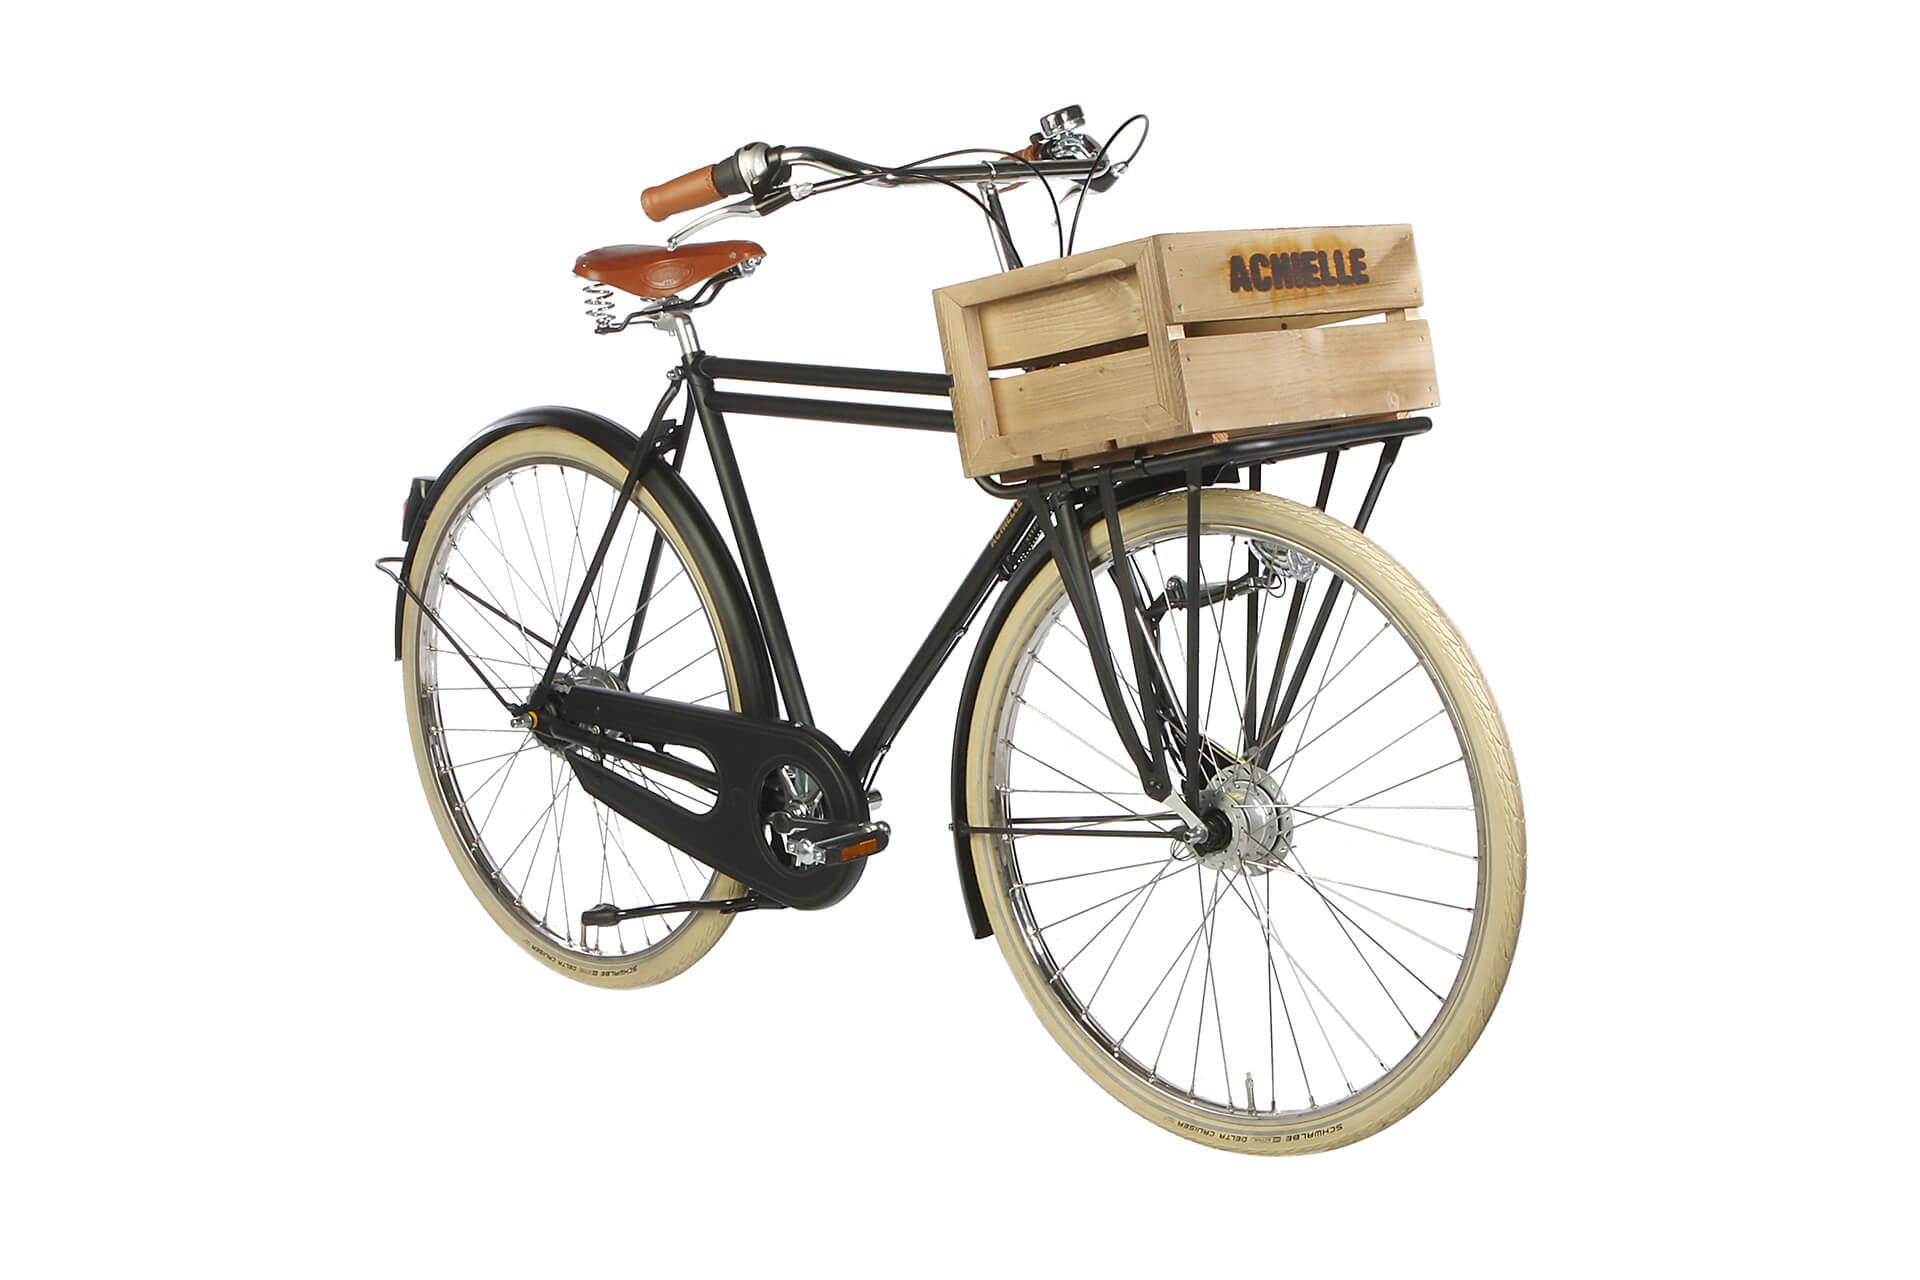 achielle-chraighton-pick-up-transportfiets-Fietsen-Jurgen-.jpg